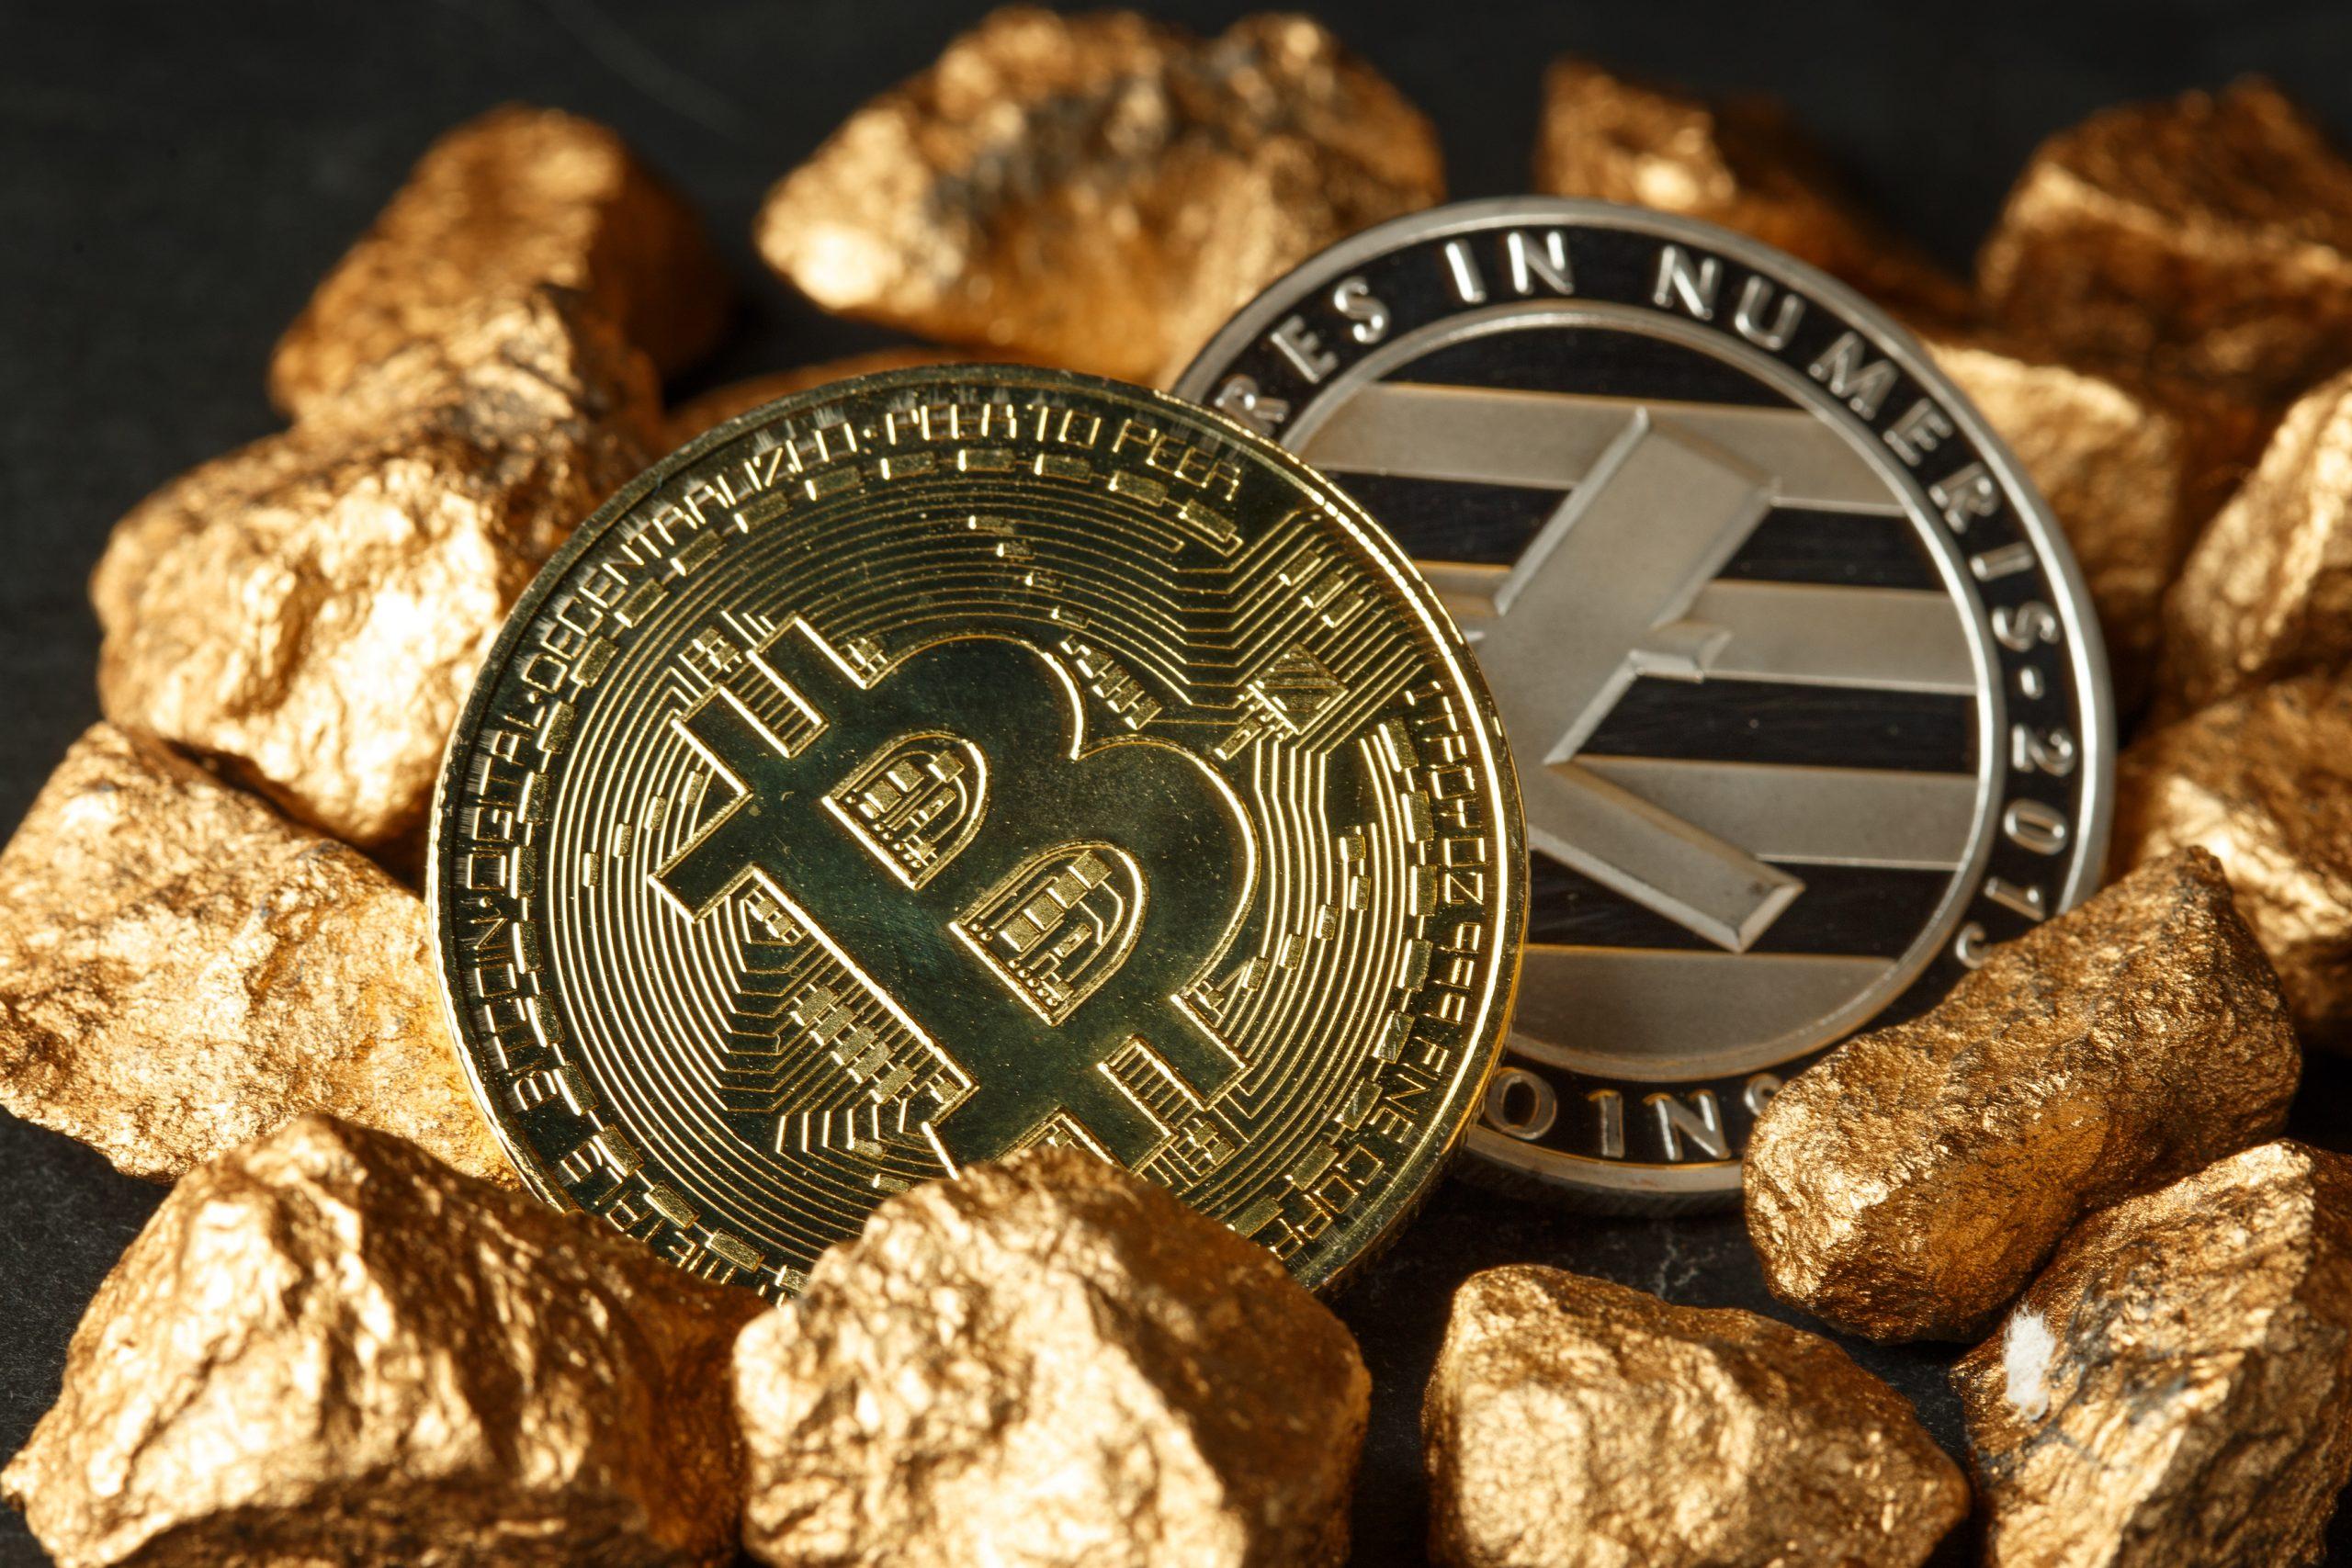 Emprendedor llama Ethereum Silver a Bitcoin como oro digital, no como Litecoin